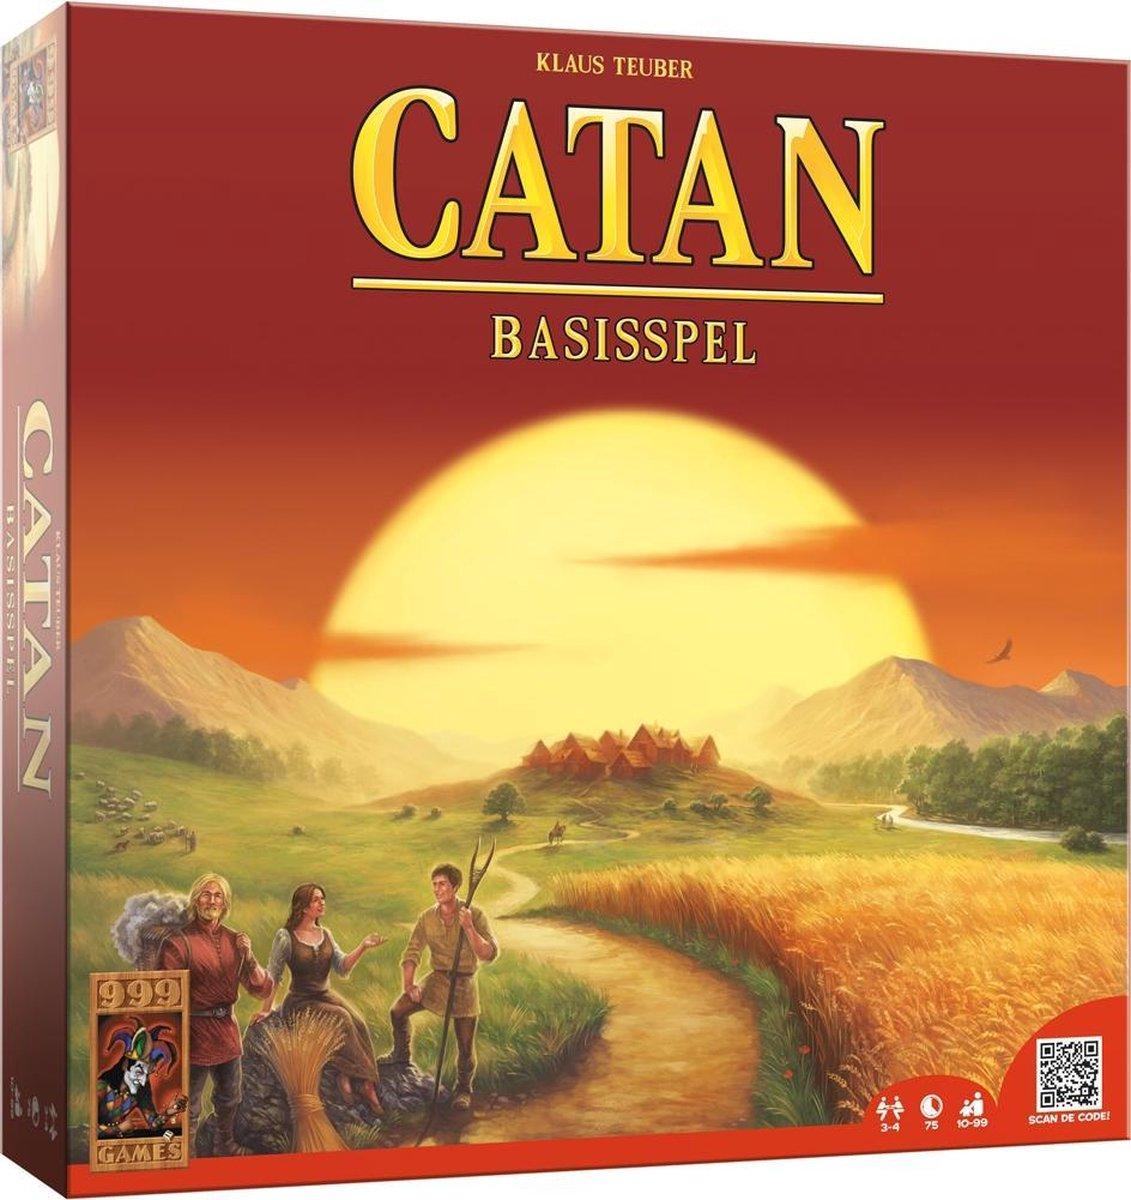 Catan - Basisspel - 999 Games